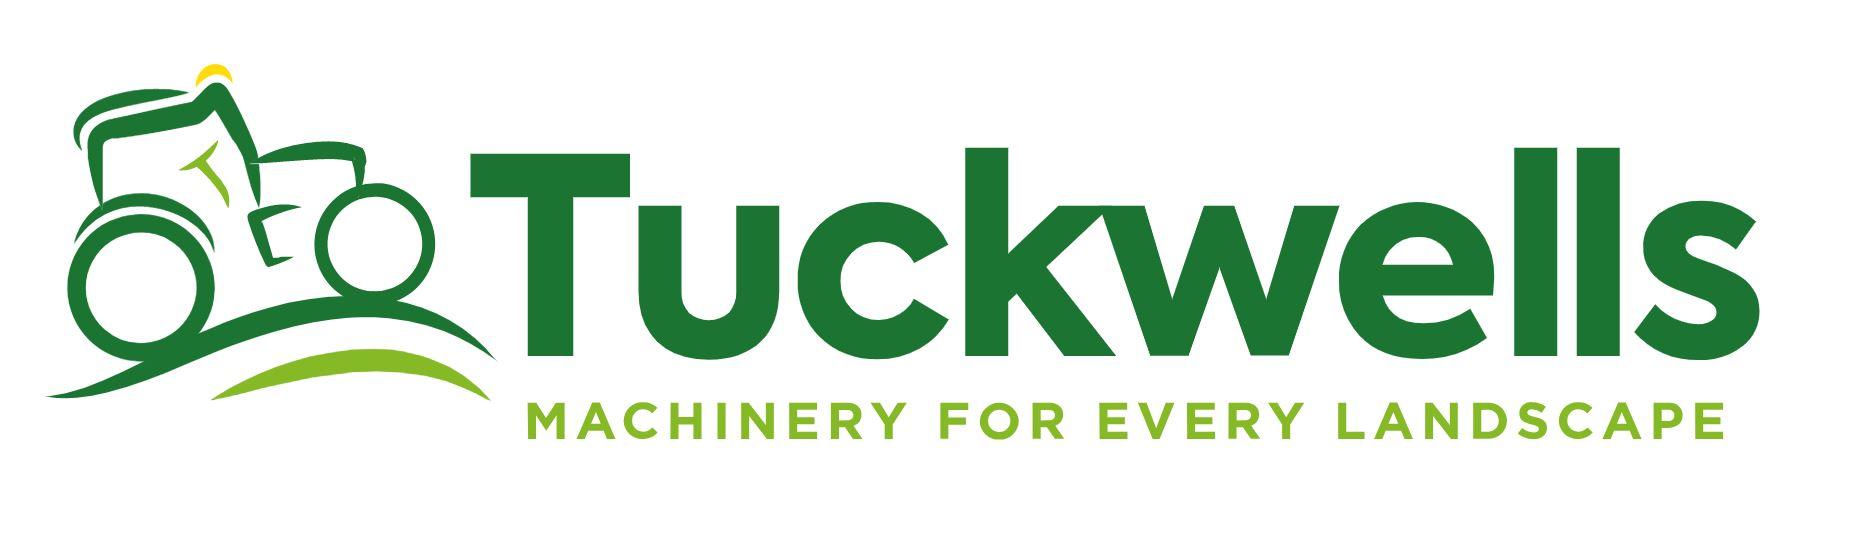 Tuckwells